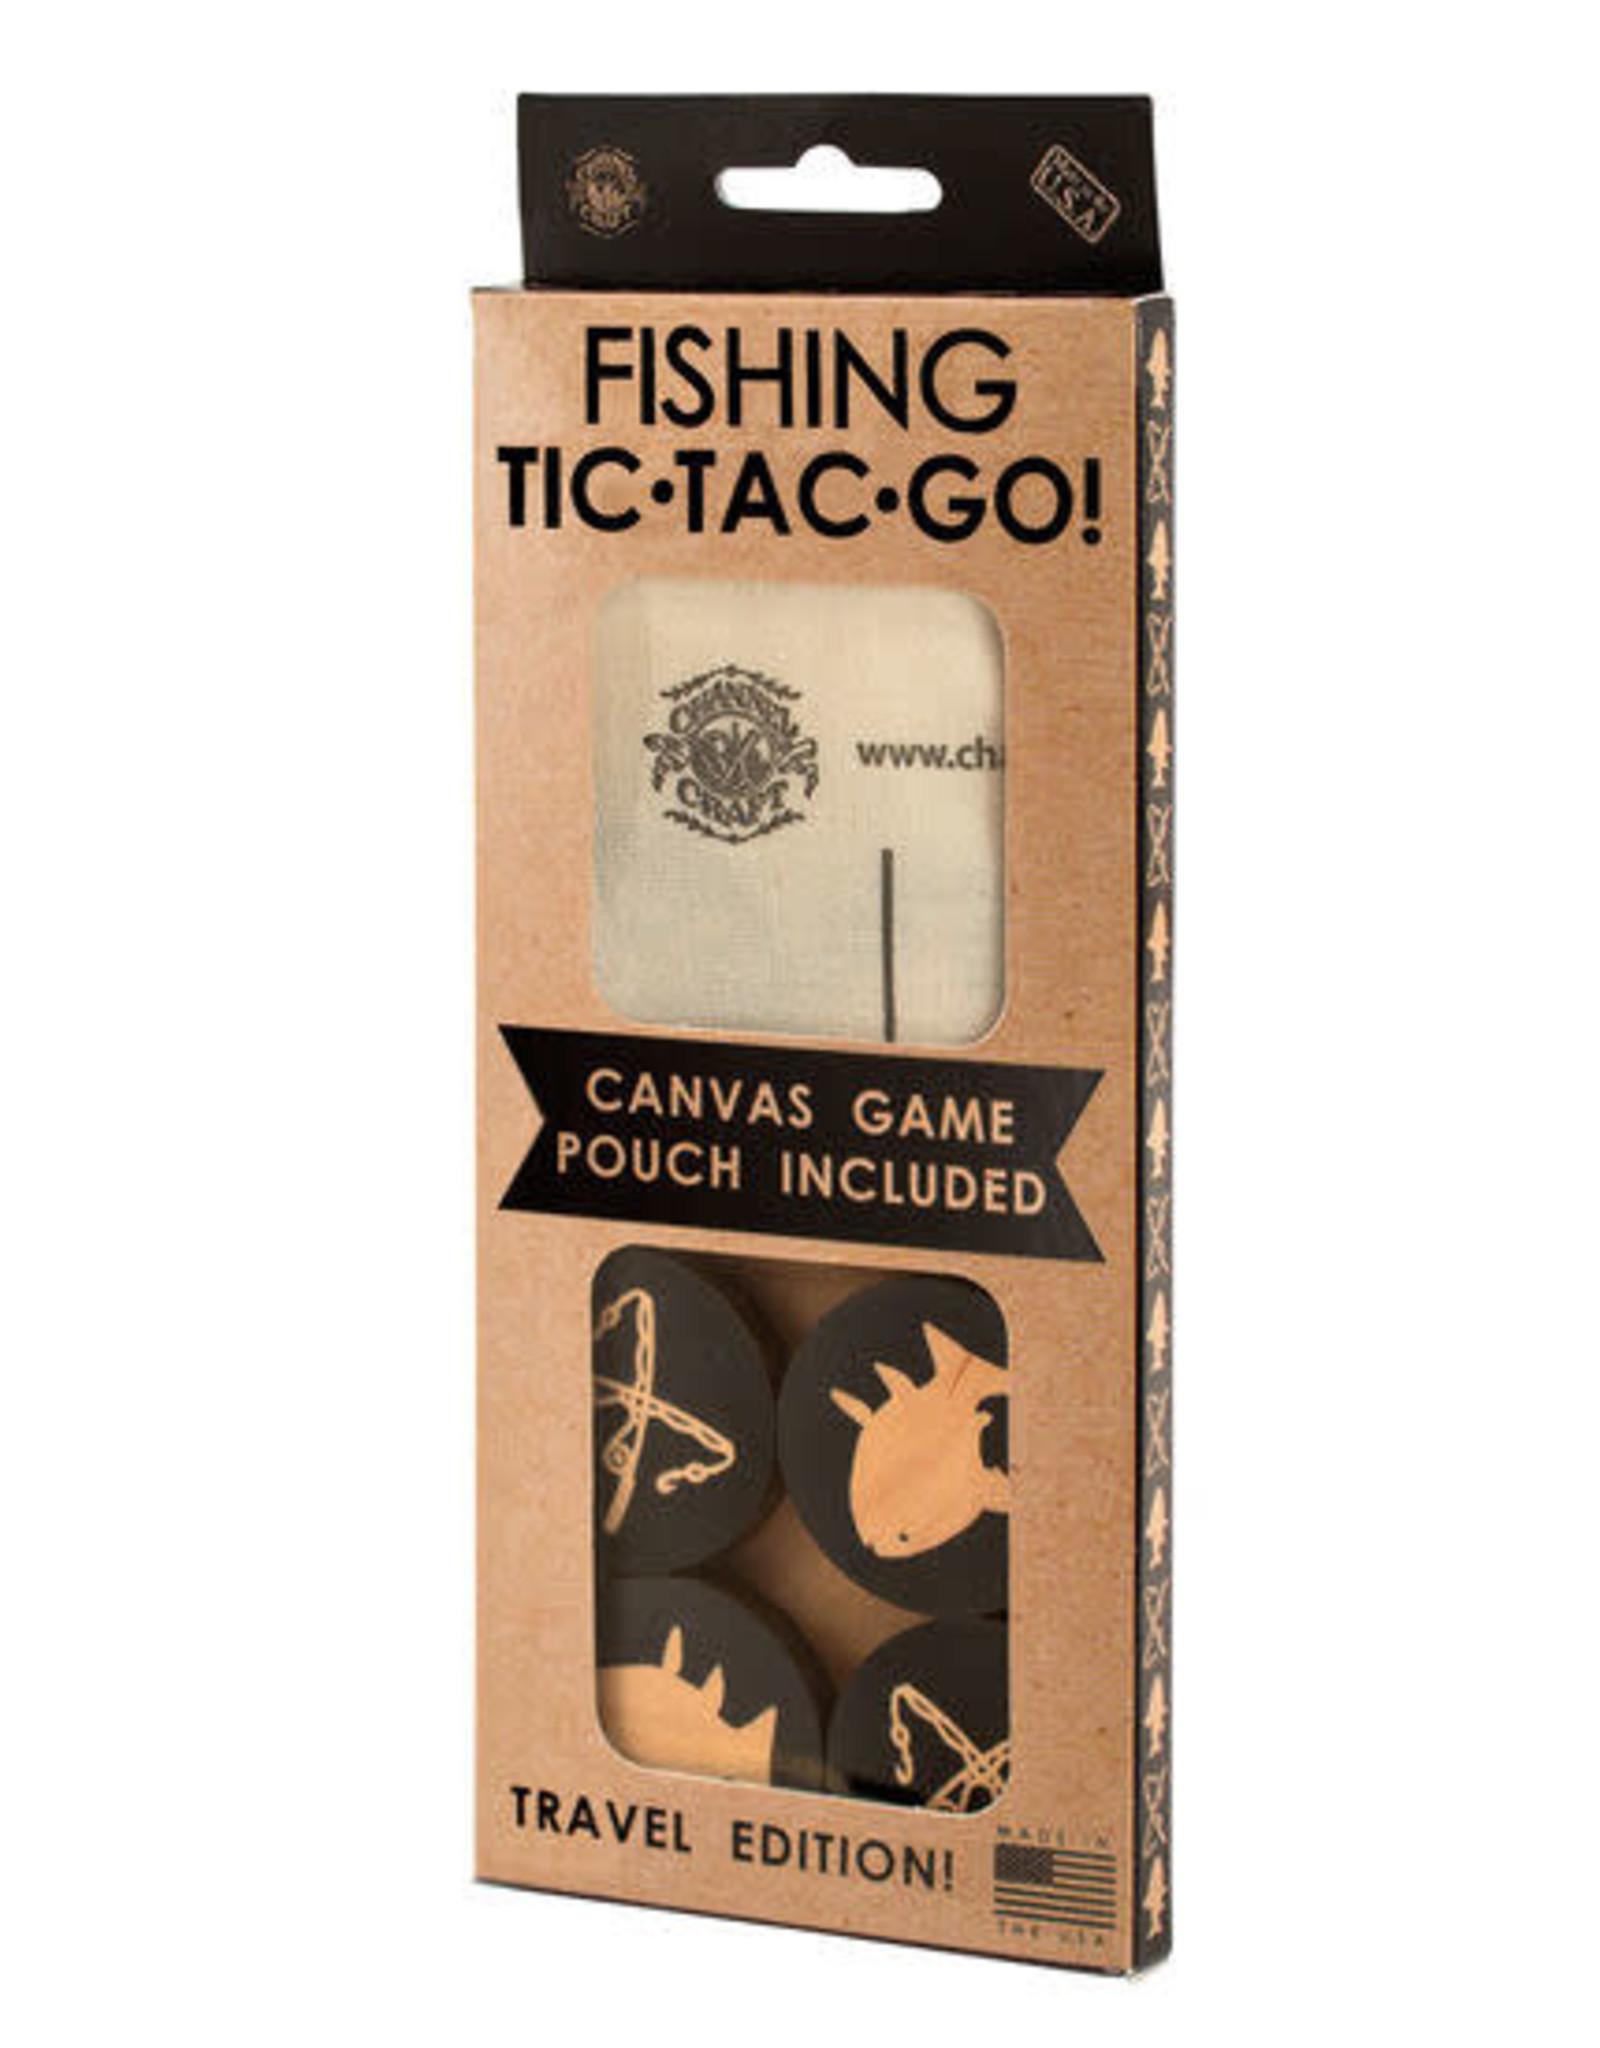 Fishing Tic Tac Toe